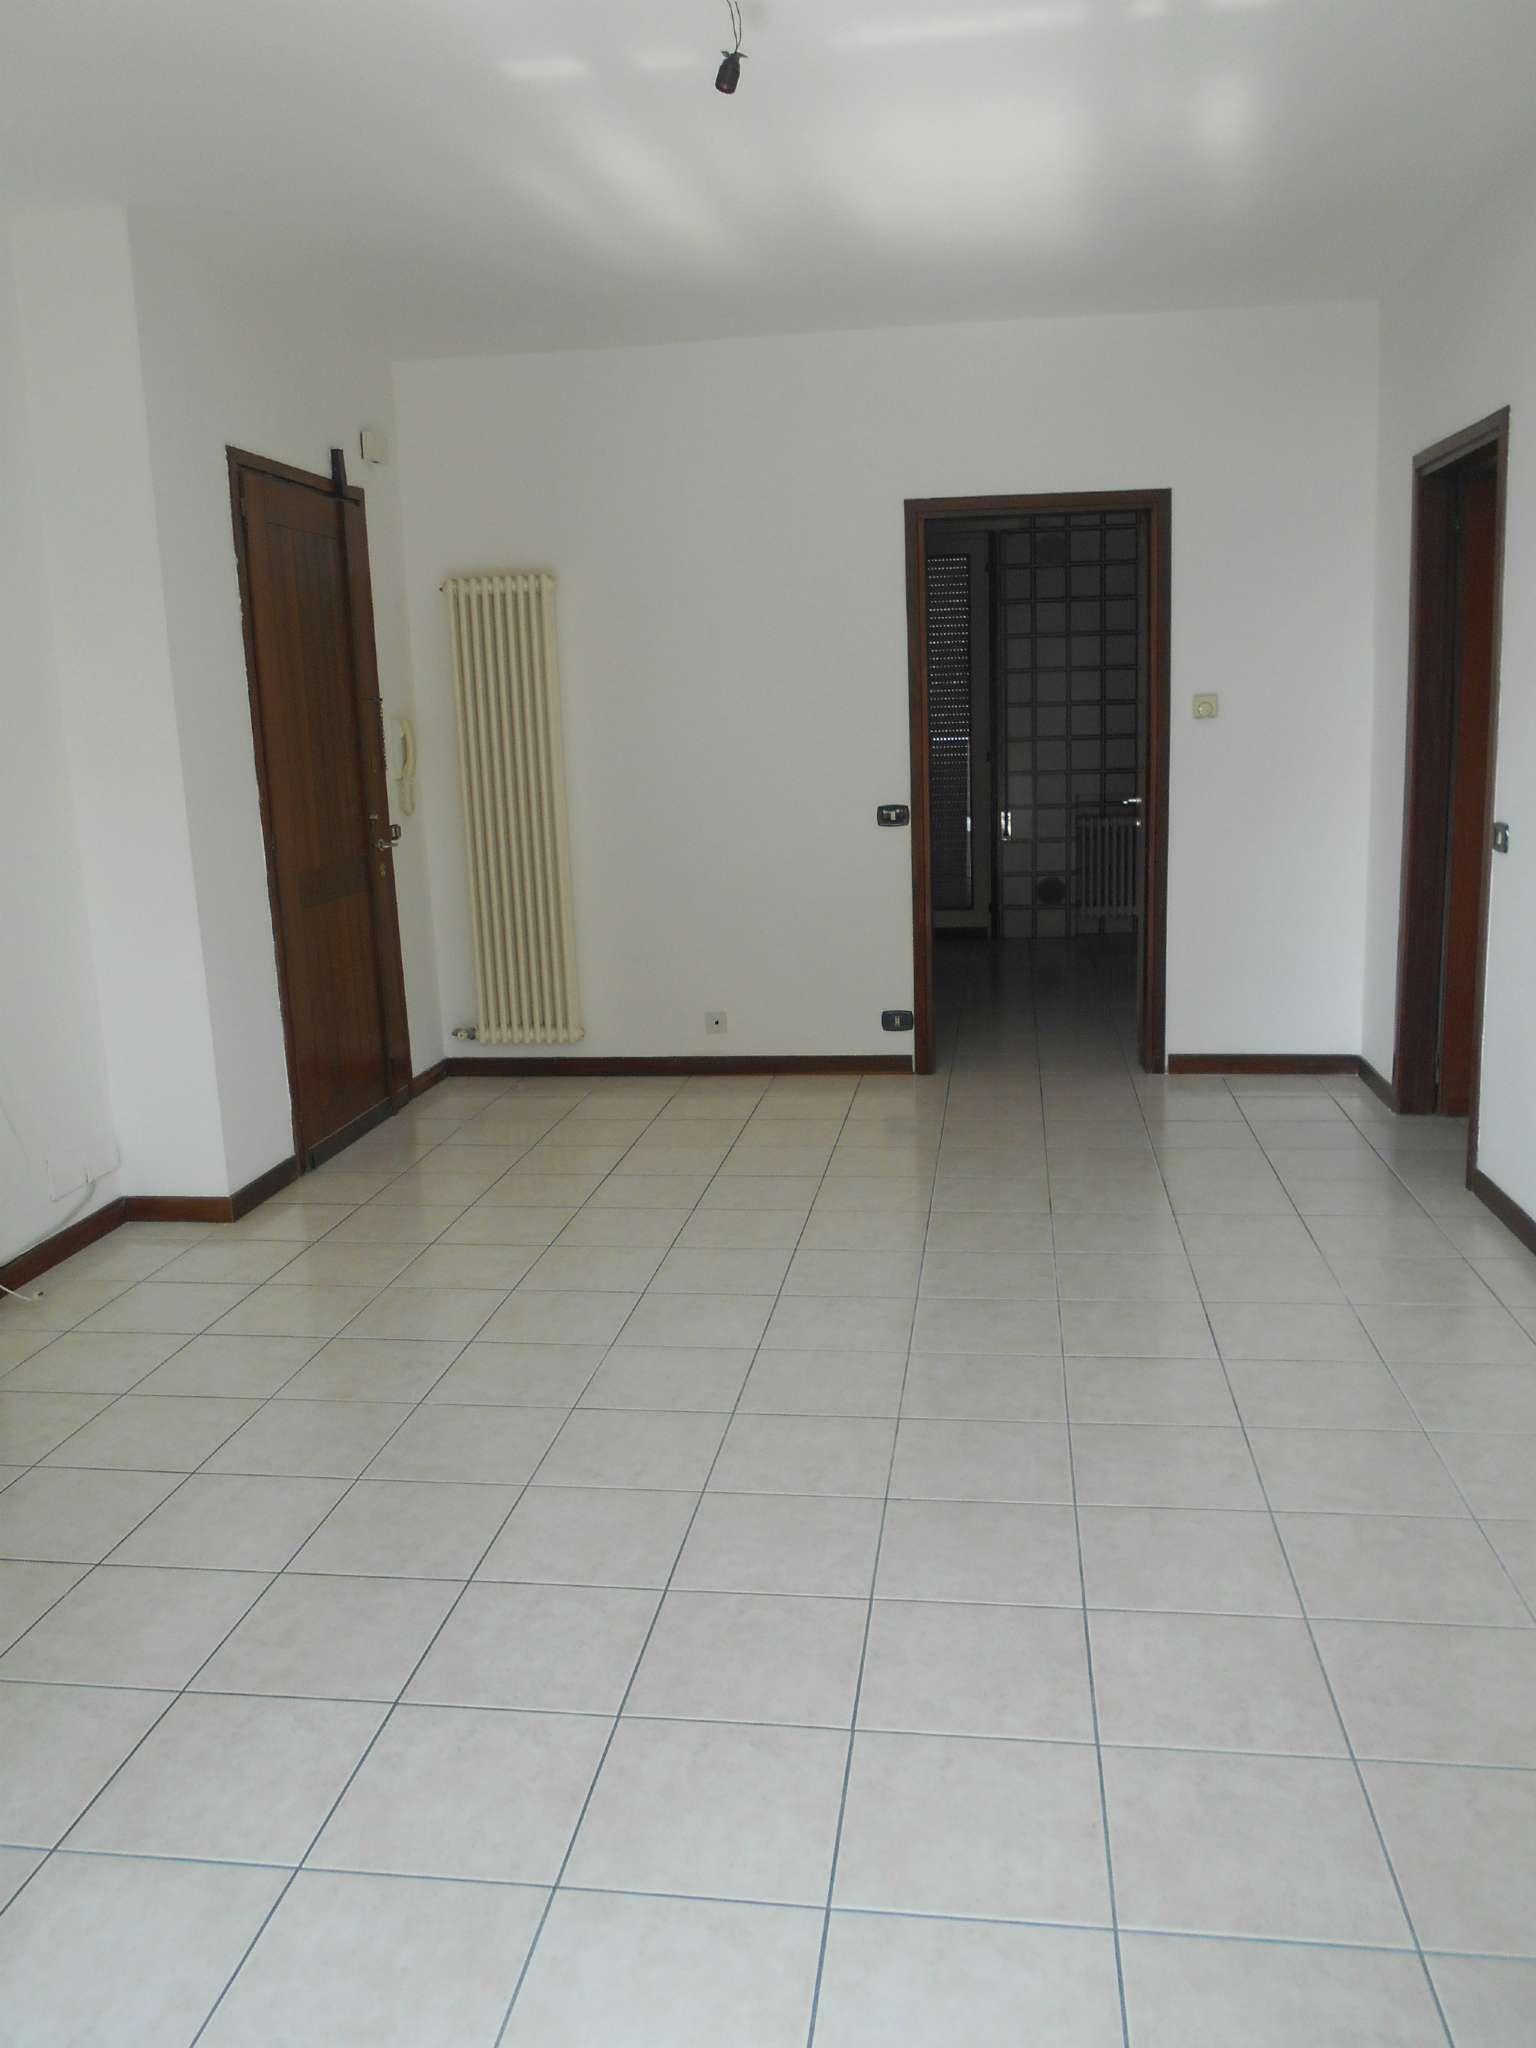 Appartamento in affitto a Castelfranco Veneto, 5 locali, prezzo € 530   CambioCasa.it